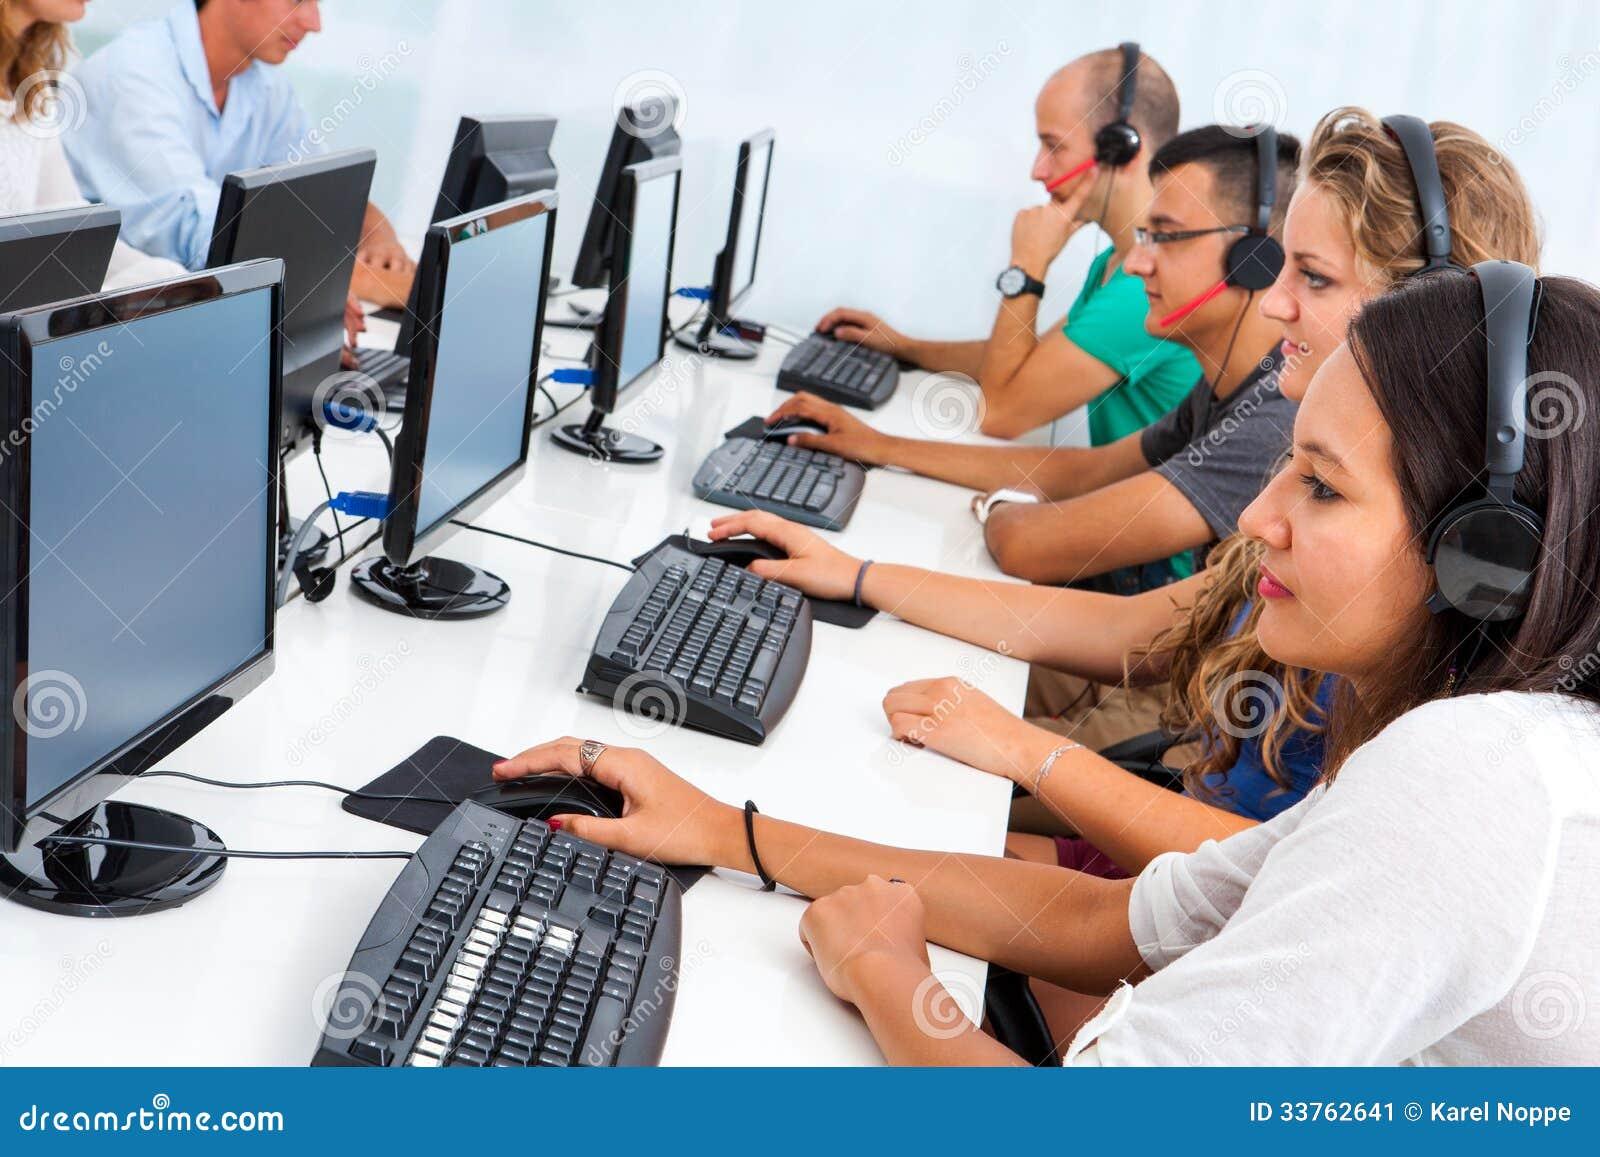 Exchange students working on computers.